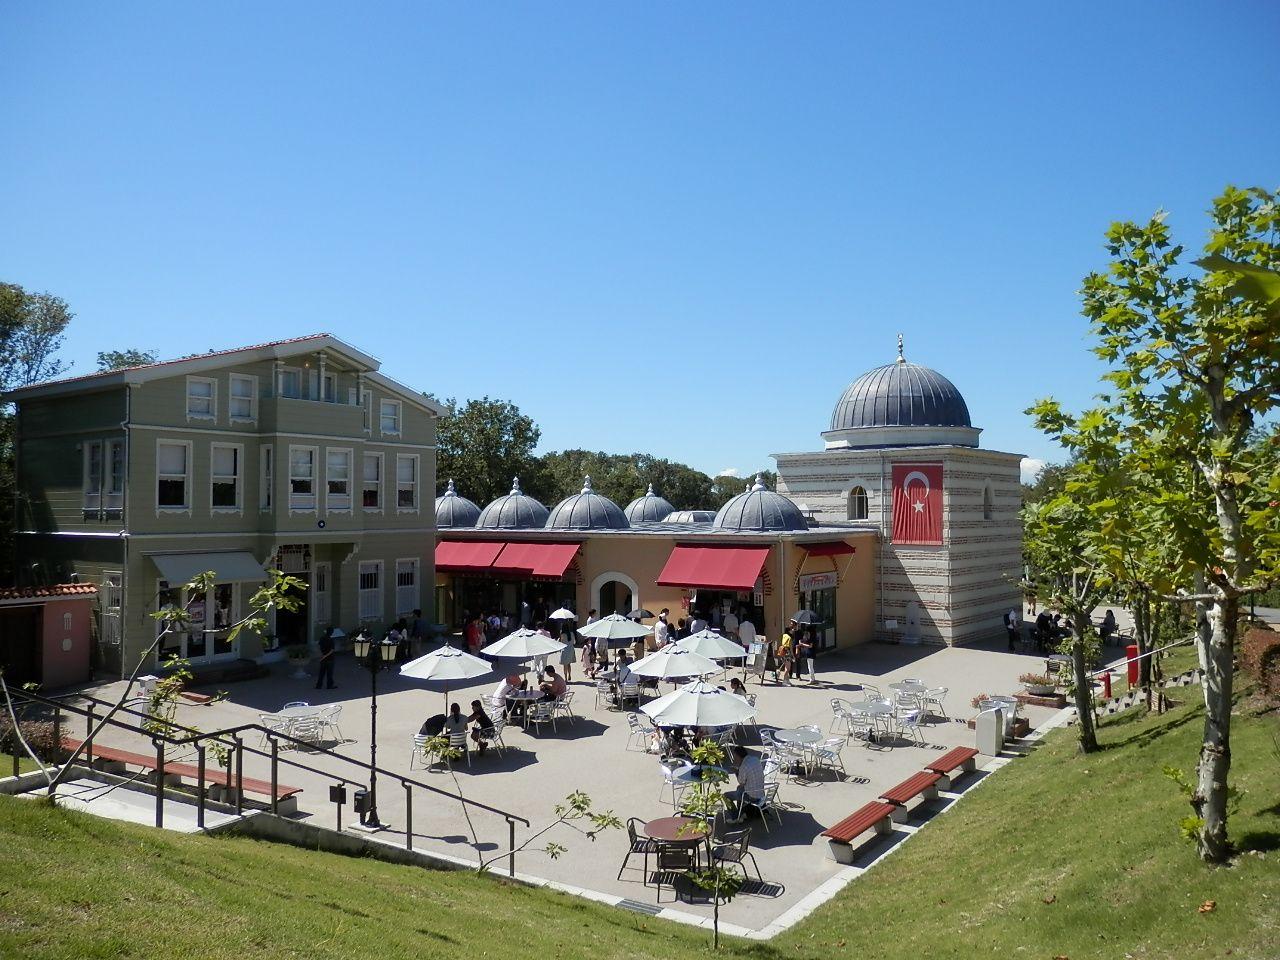 日帰りで世界一周旅行できる「野外民族博物館 リトルワールド」